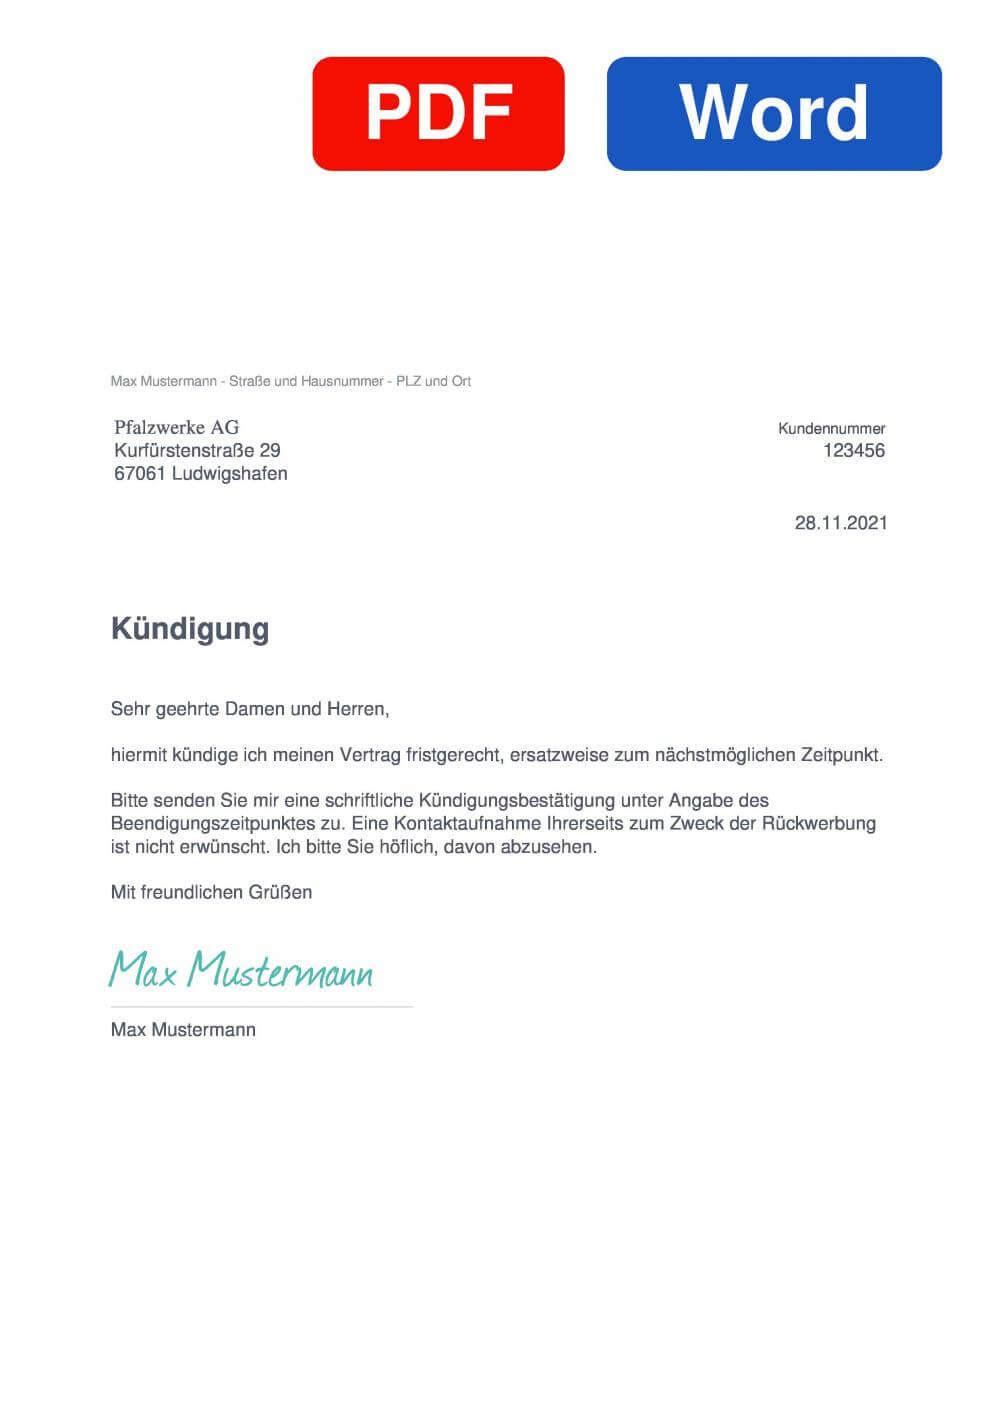 ALDI Grünstrom Muster Vorlage für Kündigungsschreiben